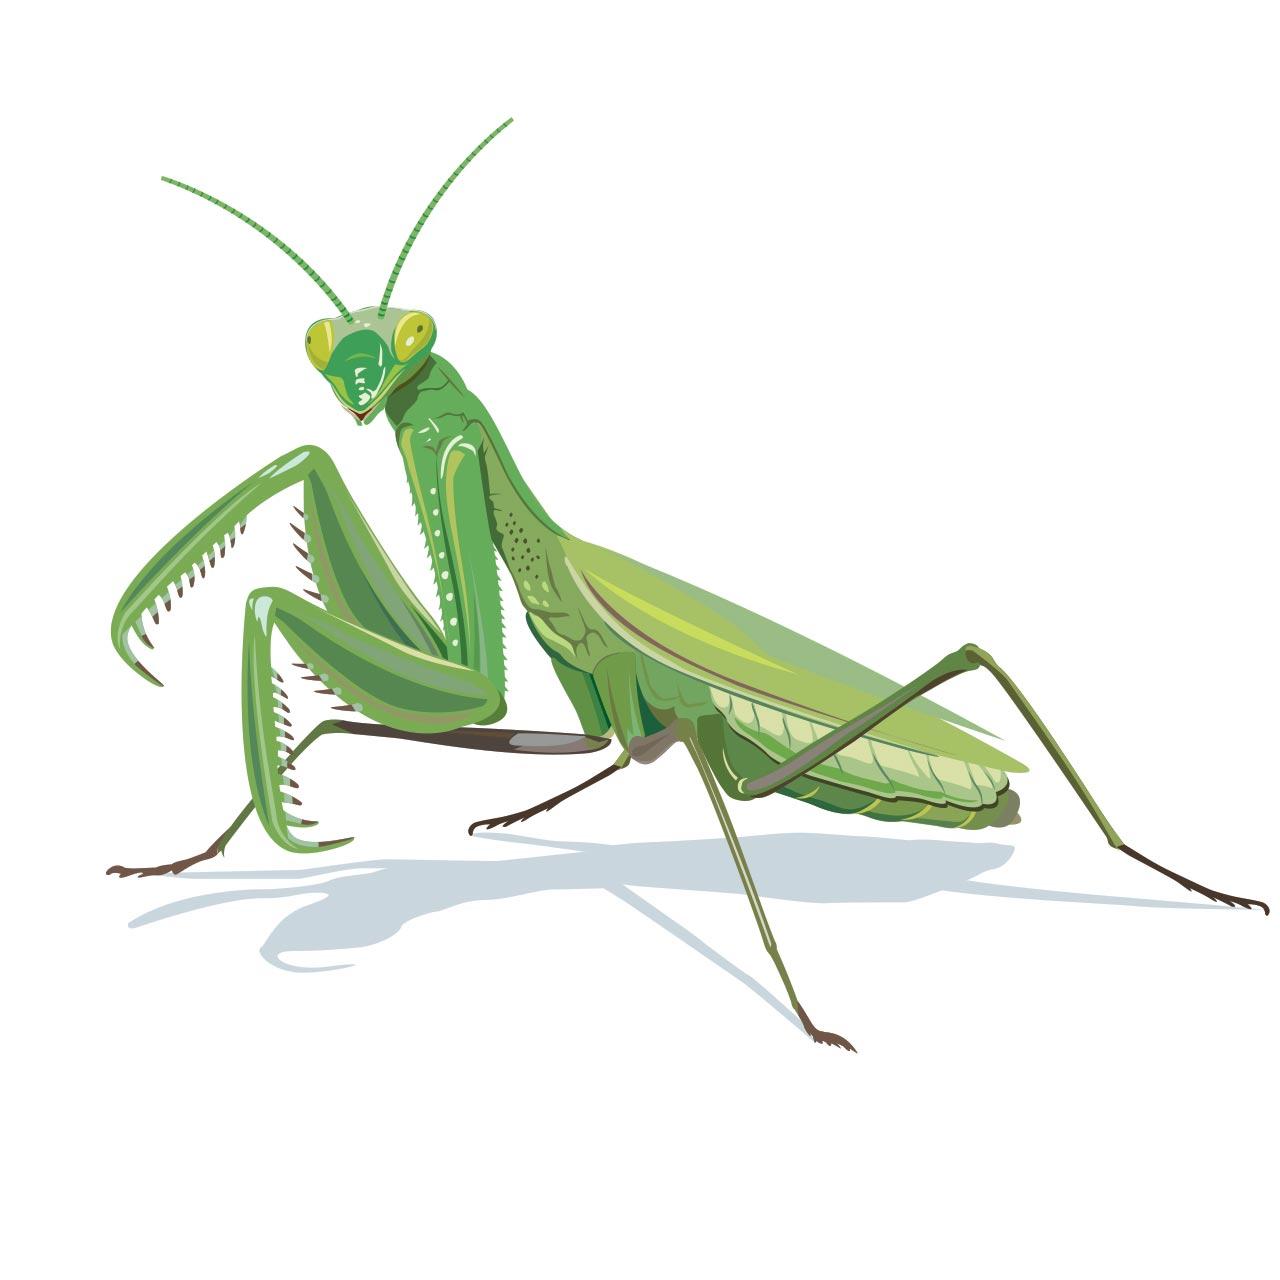 Fauna praying mantis